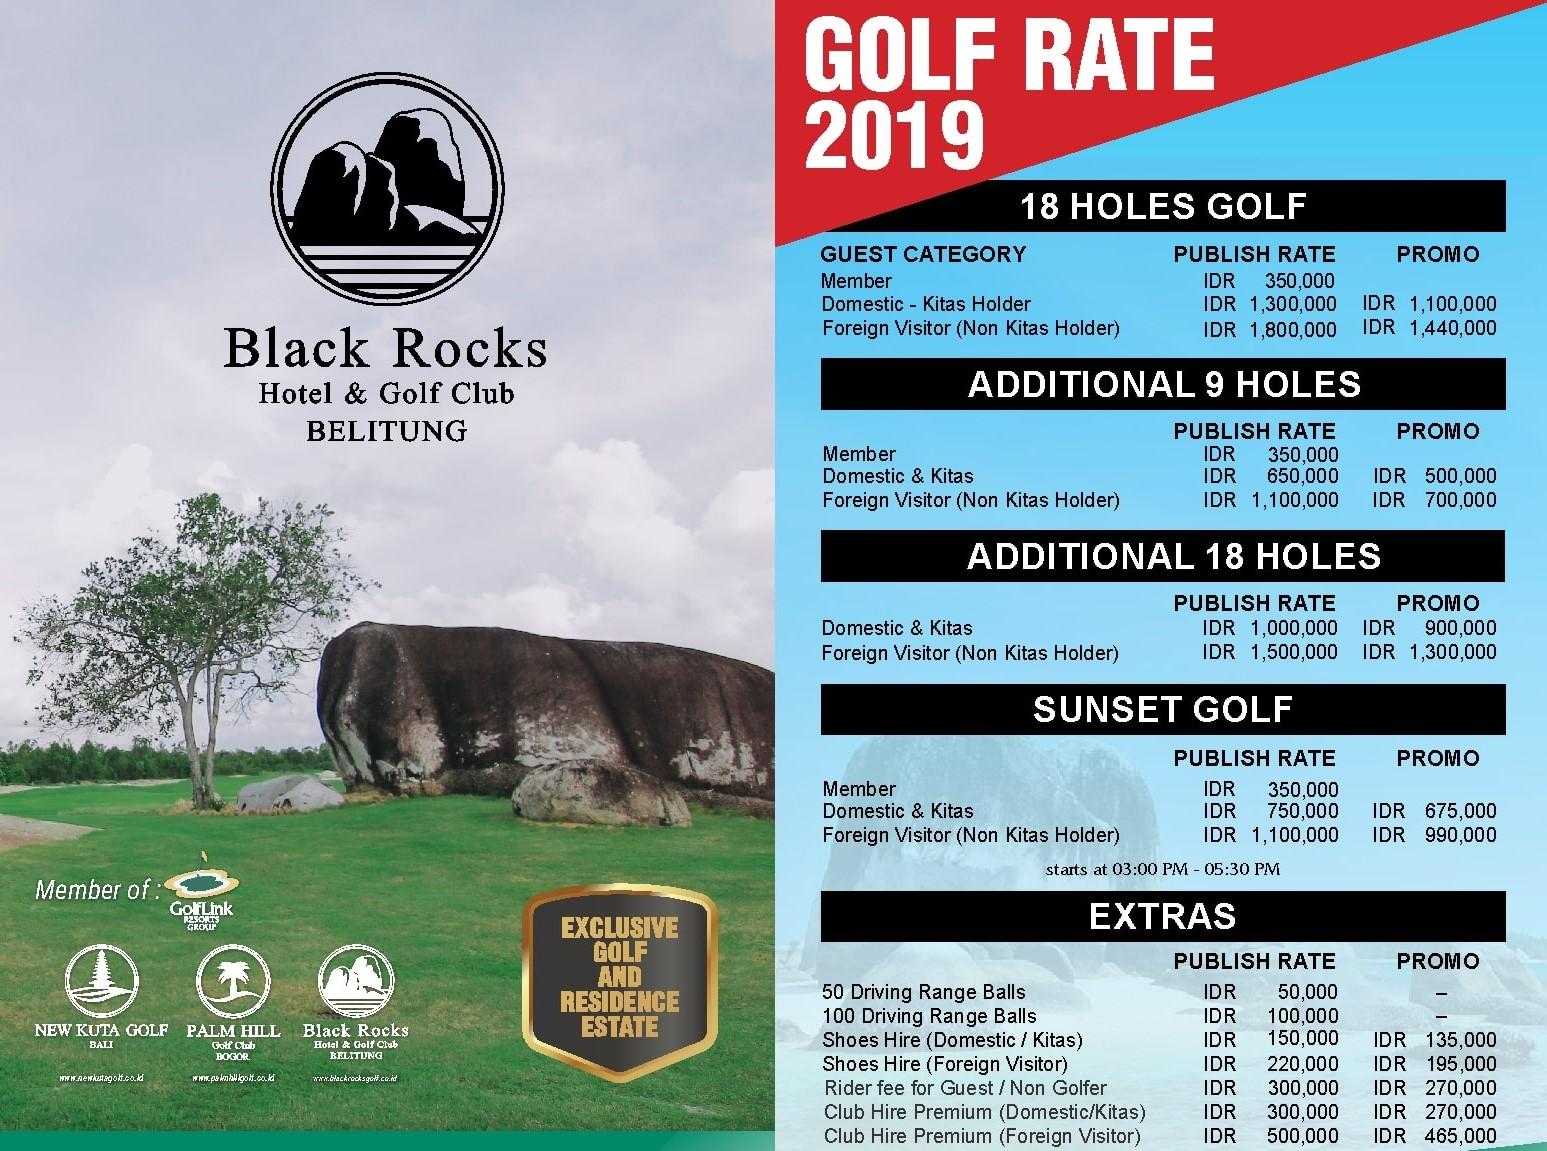 Harga Paket Golf Black Rocks Golf Belitung & Hotel